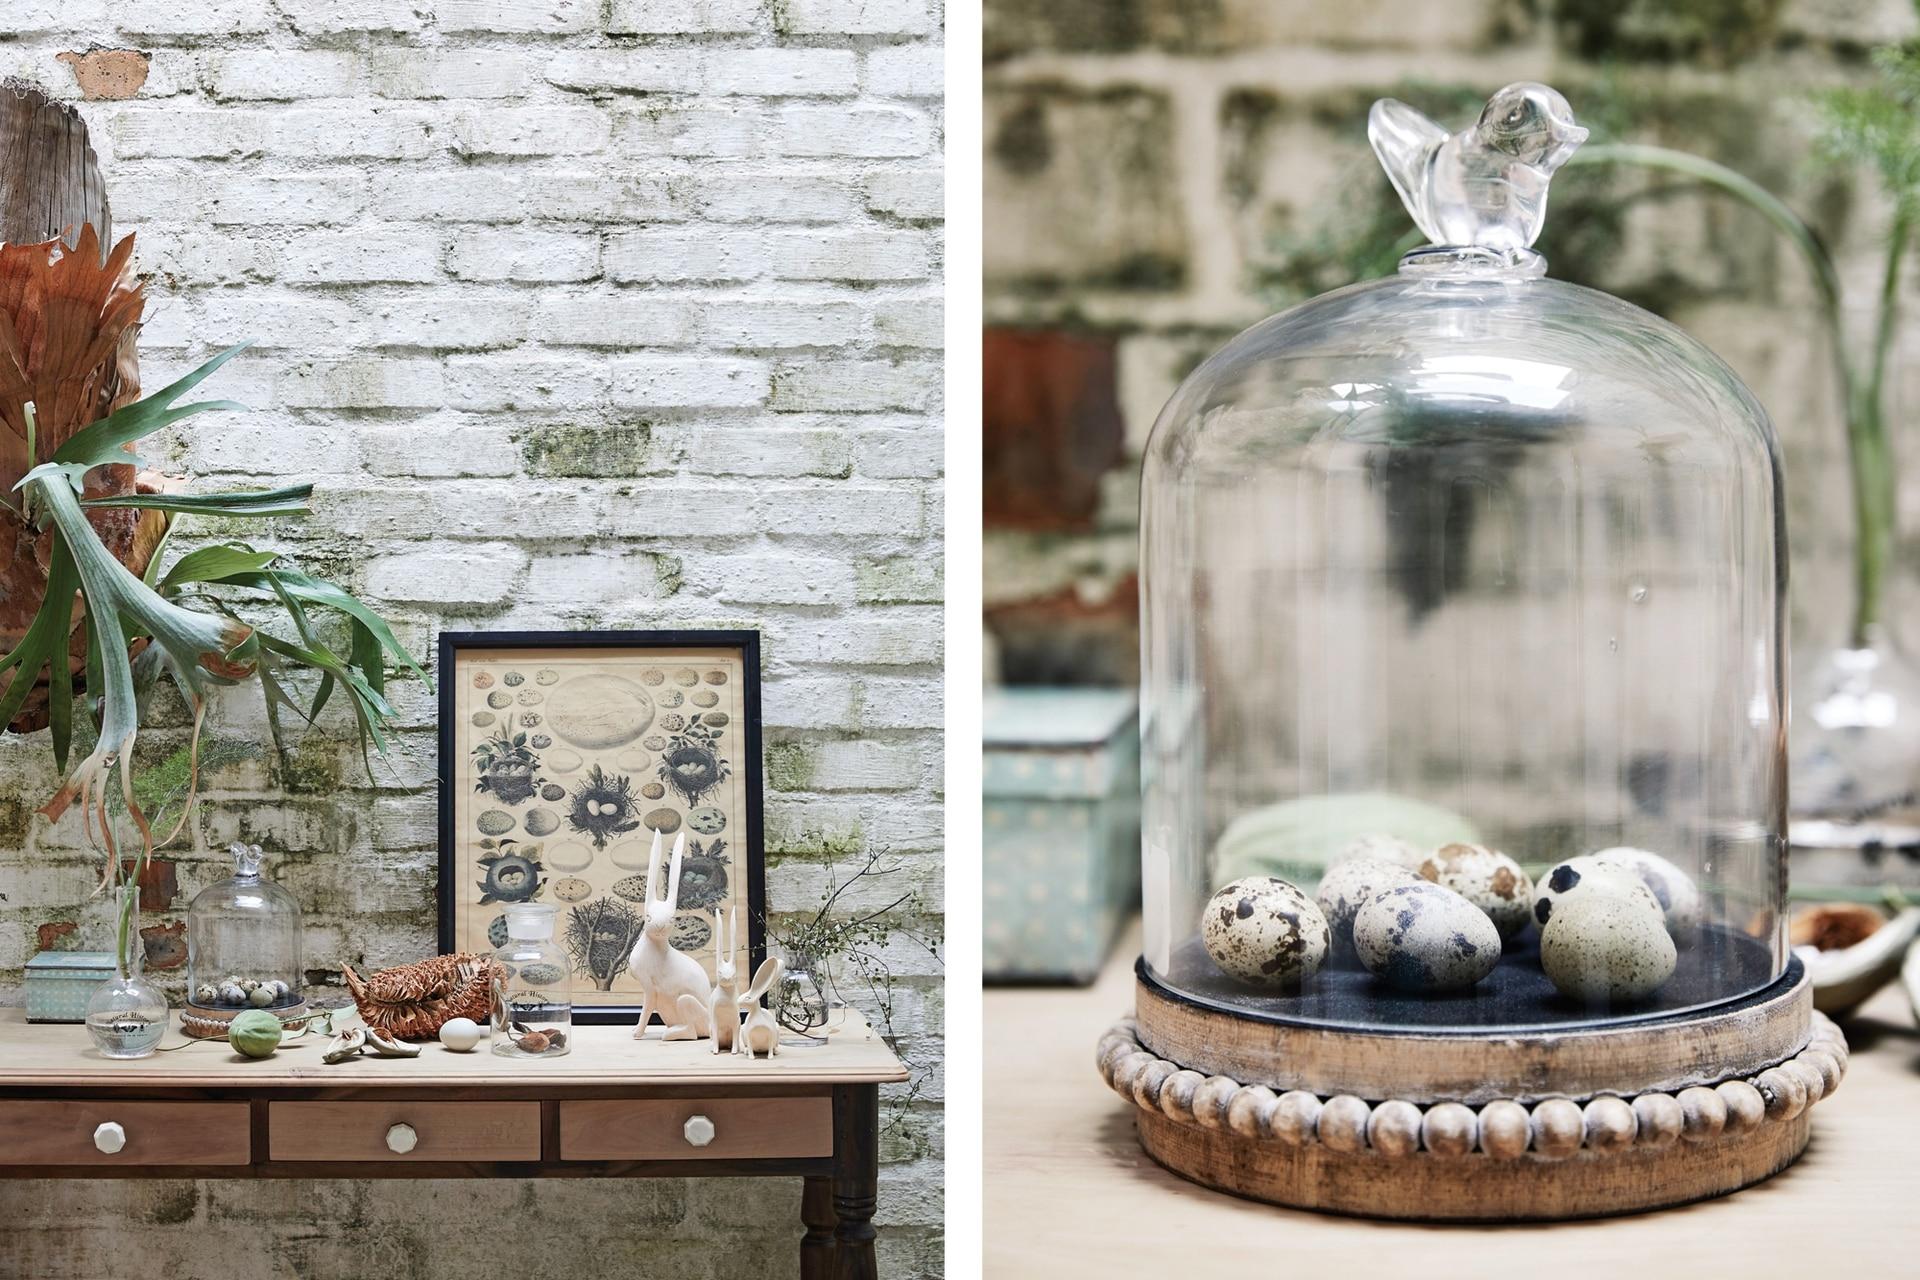 La idea es usar elementos que tenemos en casa y adaptarlos a la ocasión